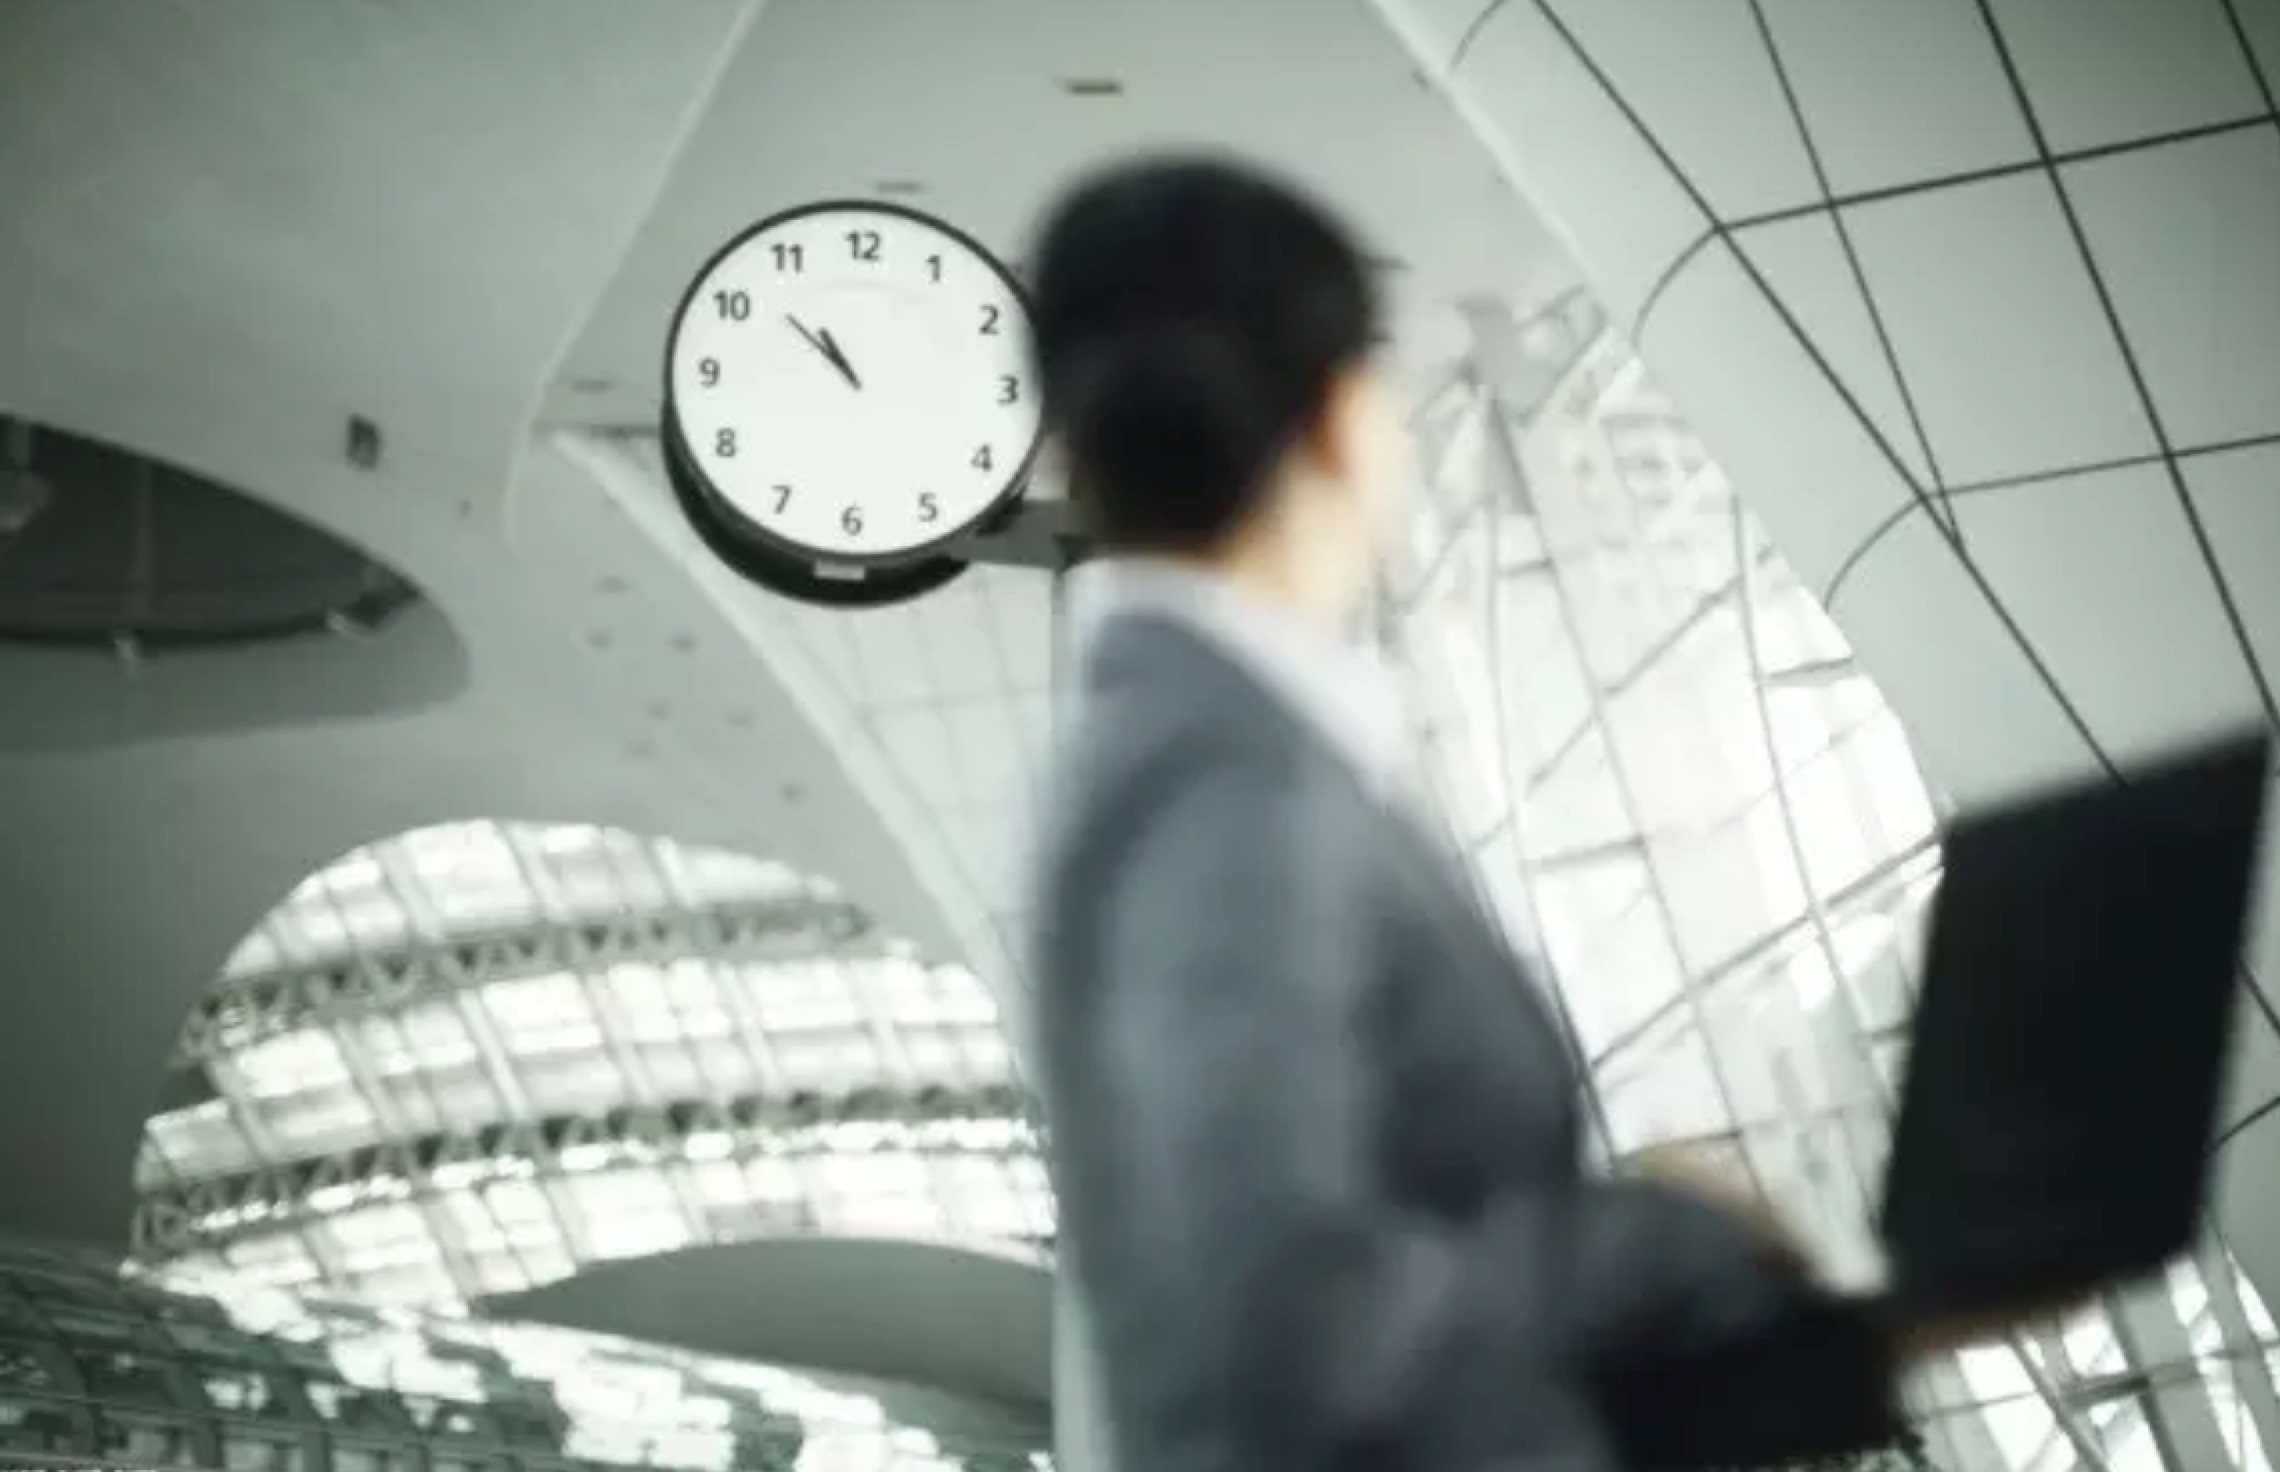 【时间规划局】拿时间做一场生命的赌注!